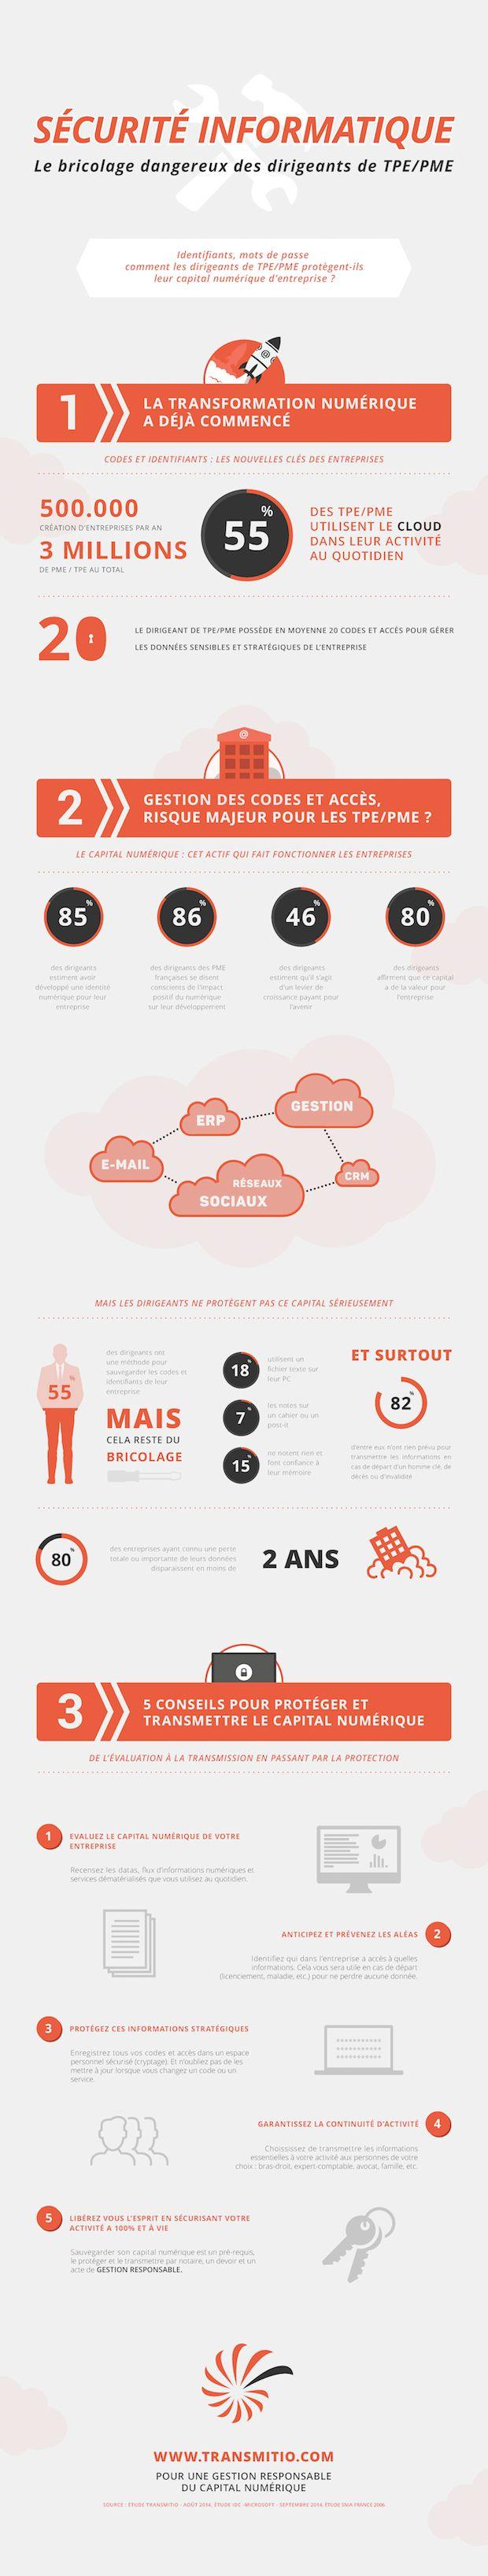 Infographie sur la sécurité informatique, et le comportement des dirigeants TPE PME  #securiteinformatique #datasecurity  #cloud